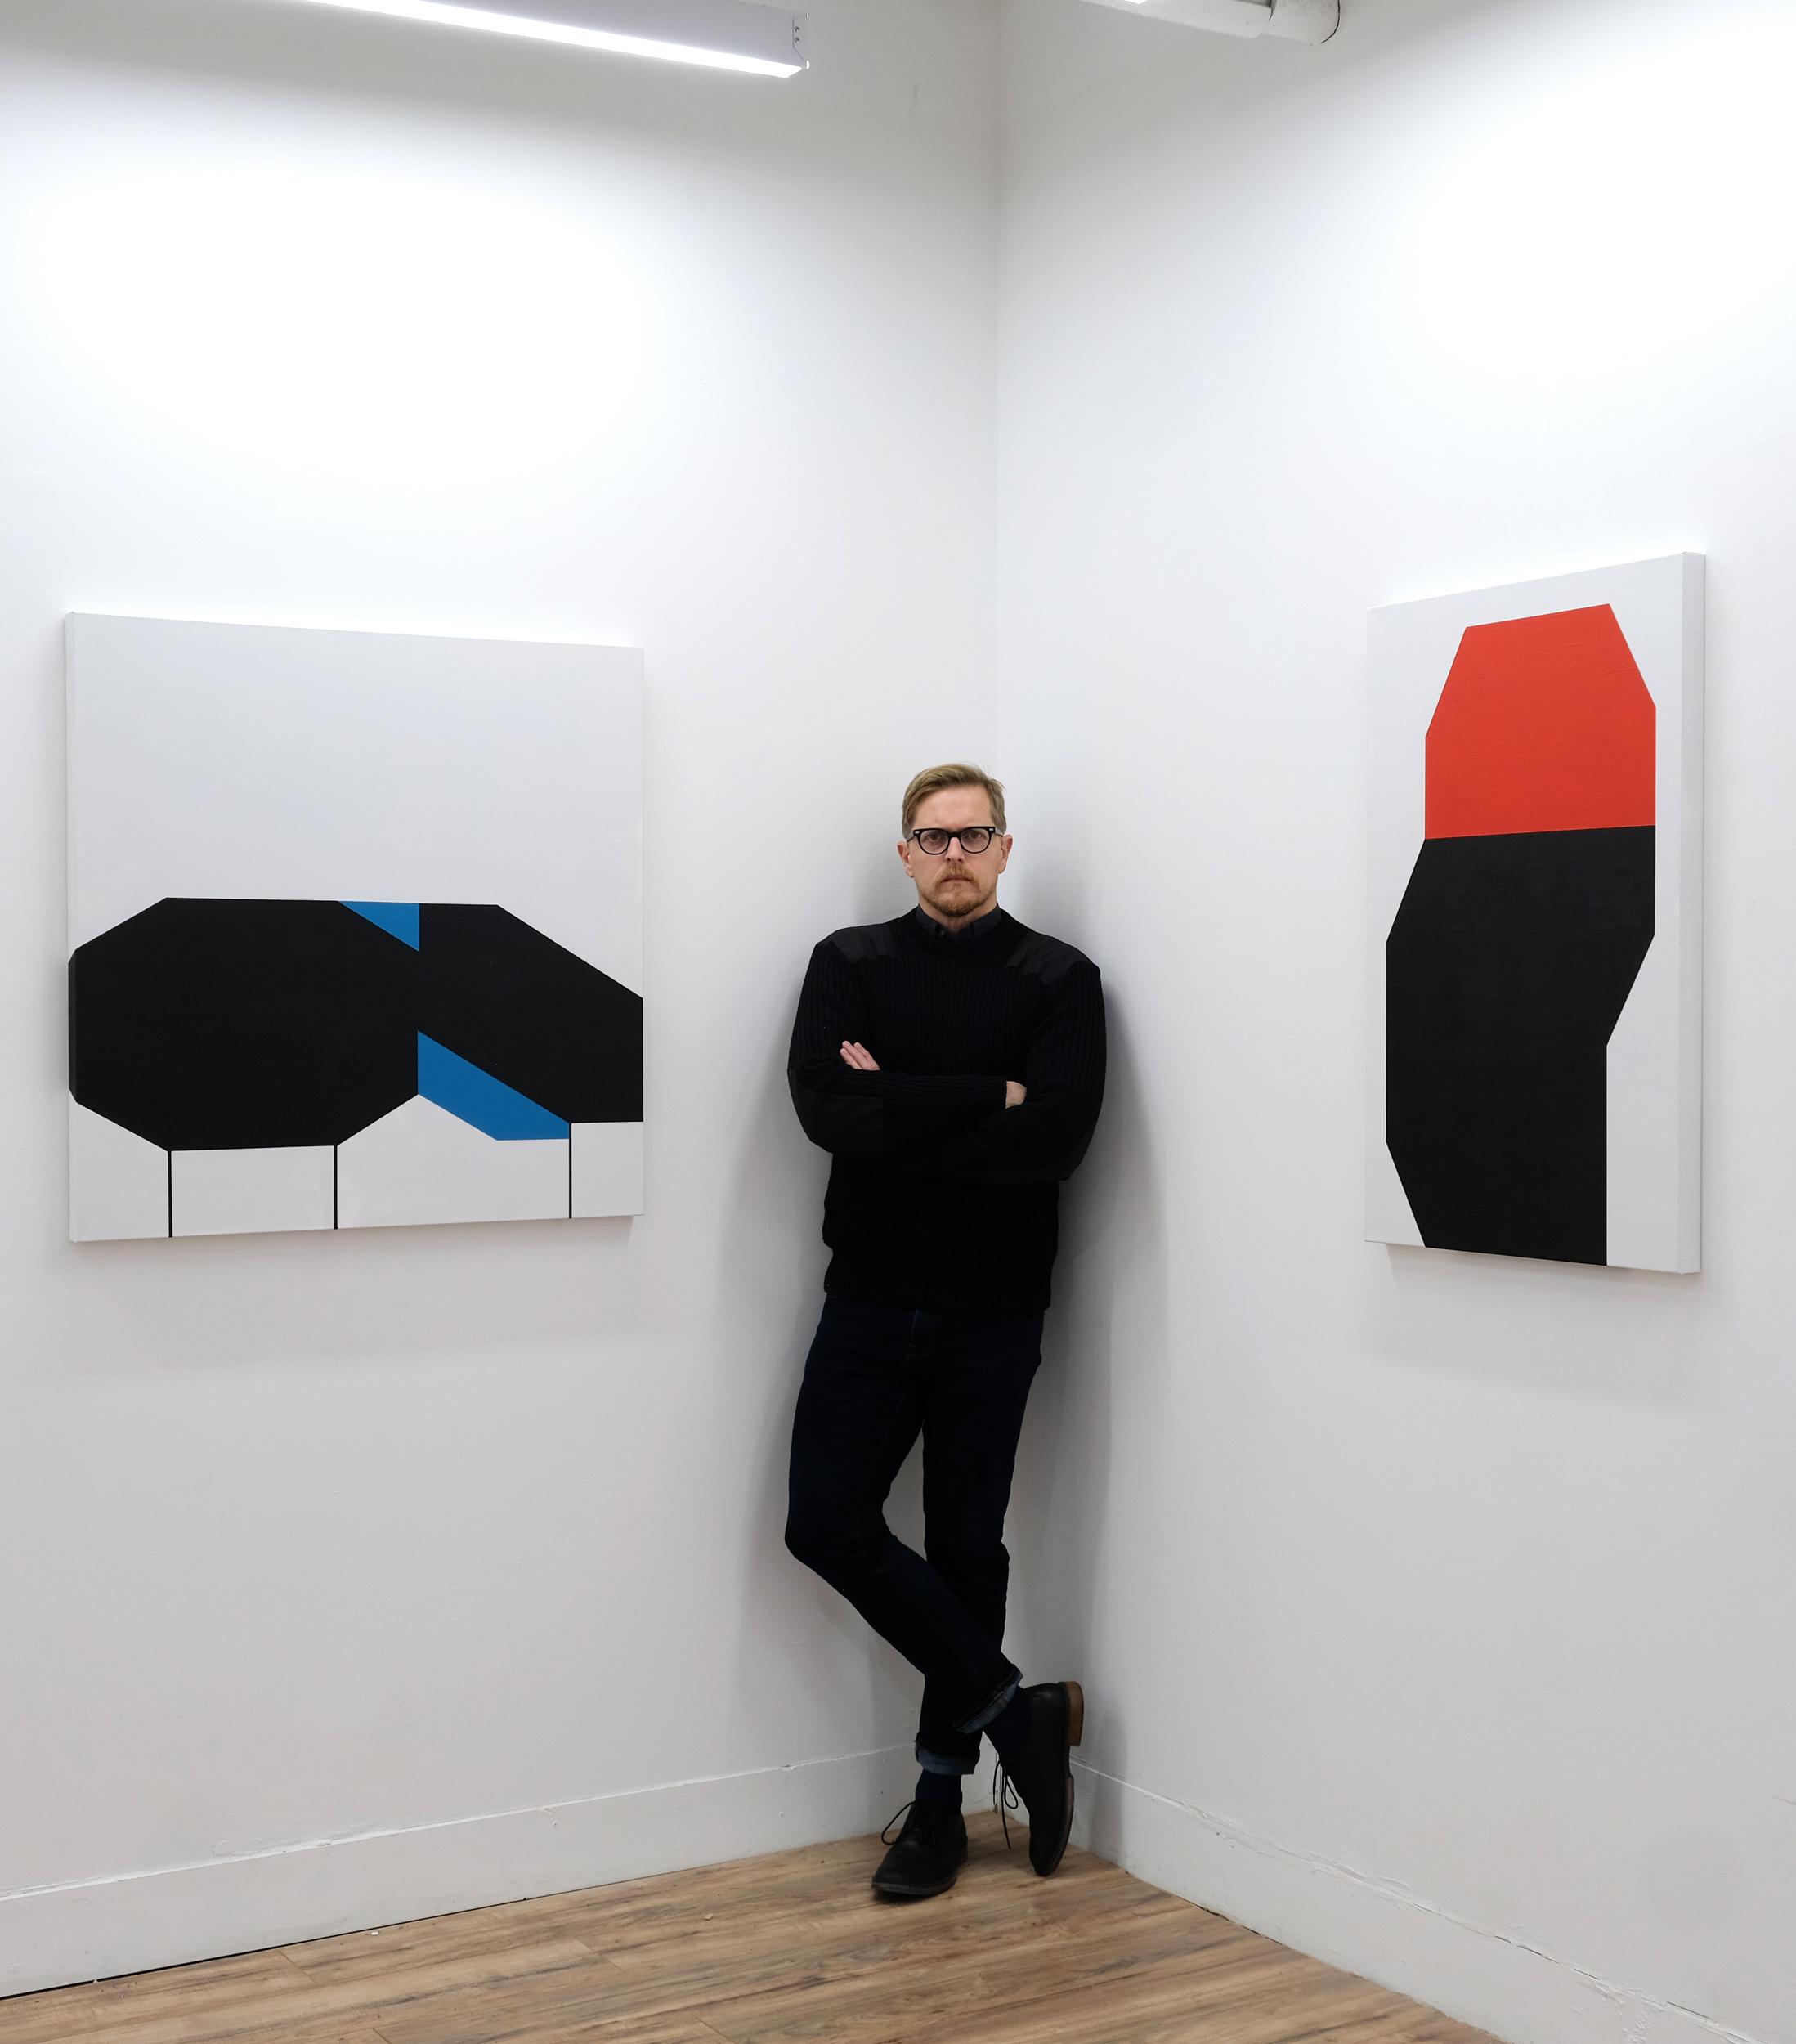 Anna Kaplan Contemporary, January 2019